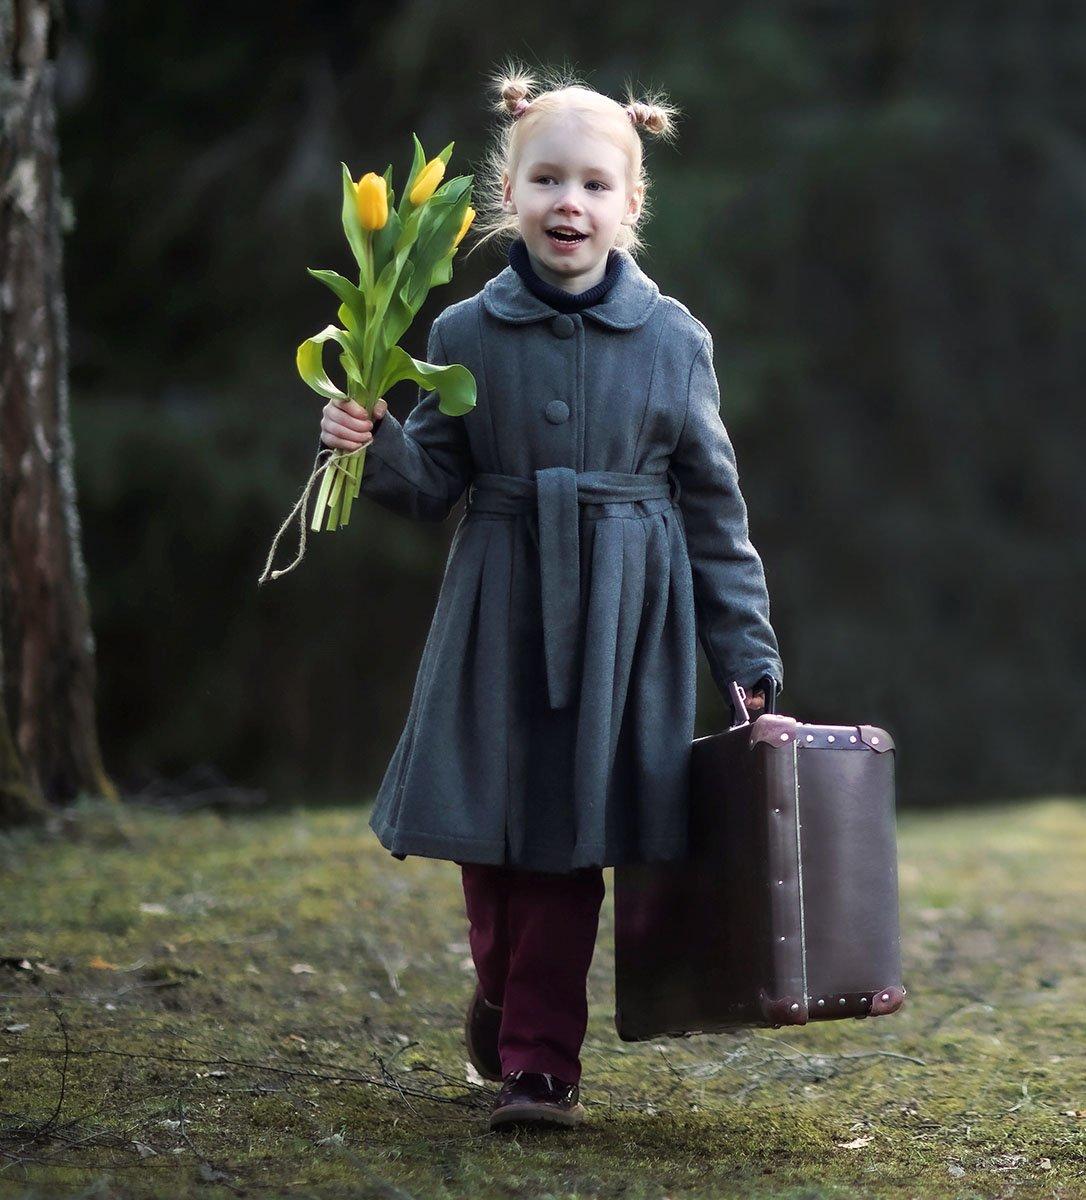 девочка,весна,ретро, чемодан, тюльпаны, эмоции, girlie, retro, spring, suitcase, flower, emotions, Стукалова Юлия